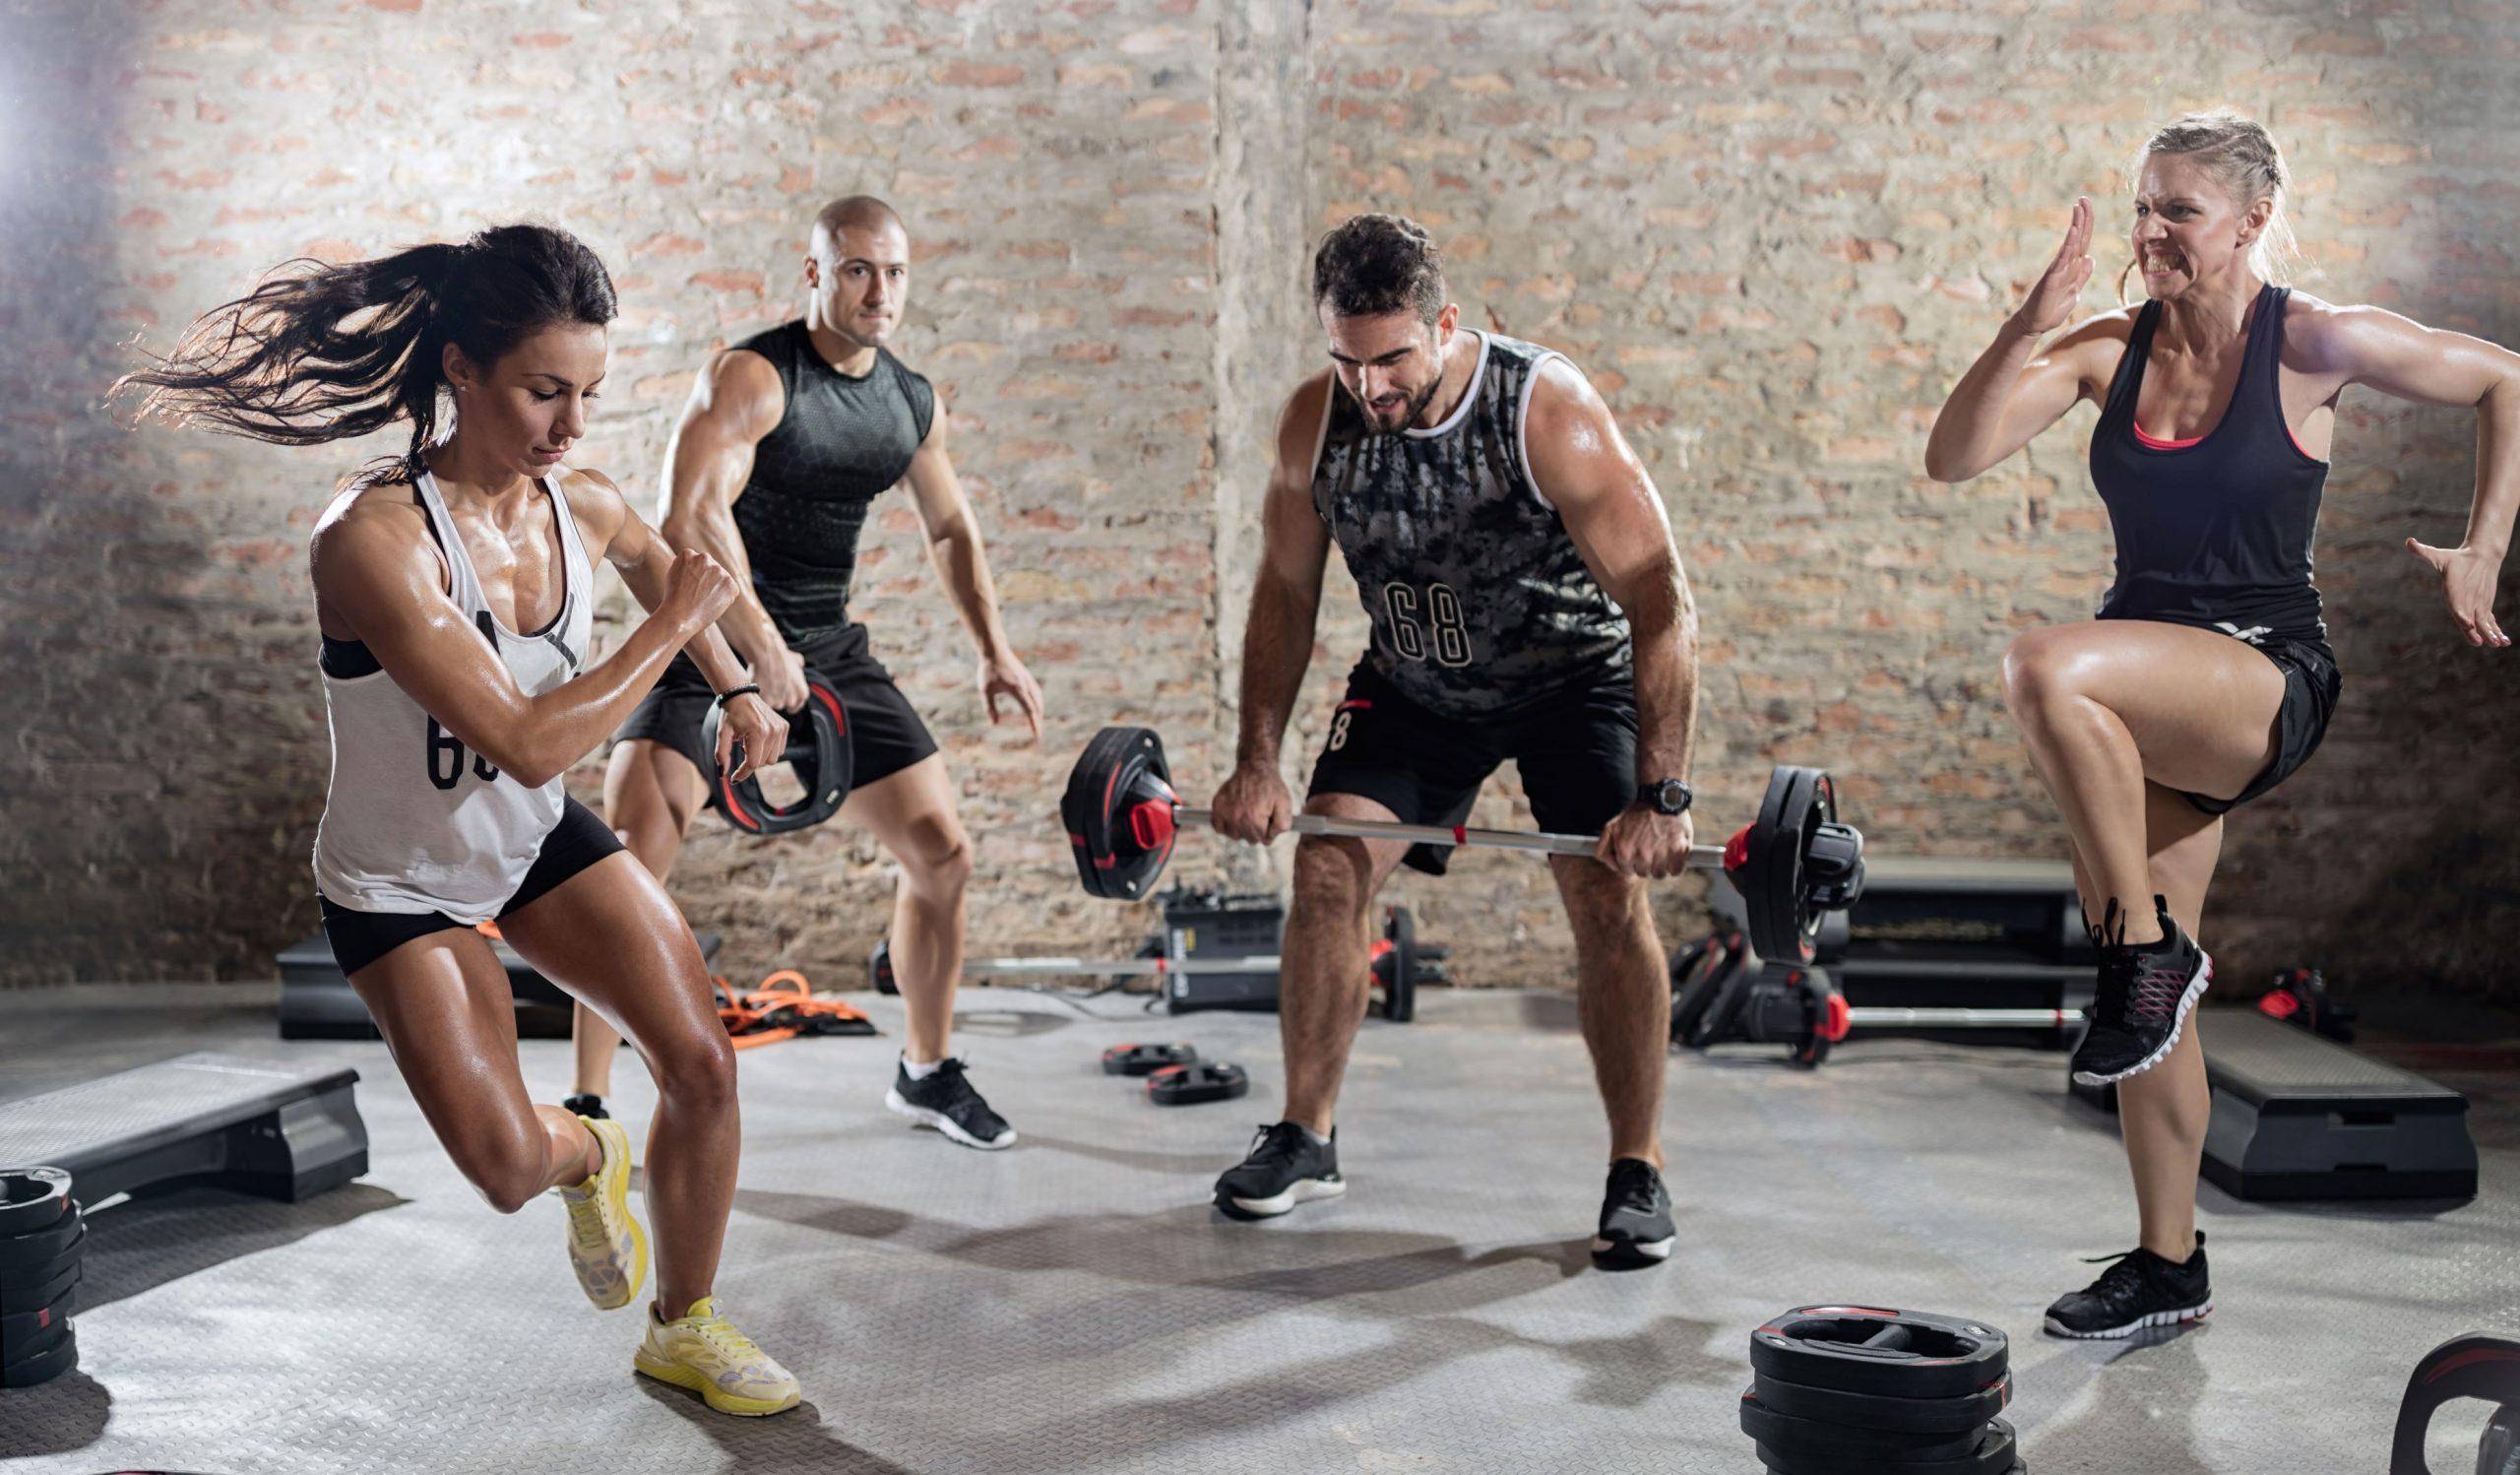 Emagrecer: confira o melhor exercício para a perda de peso